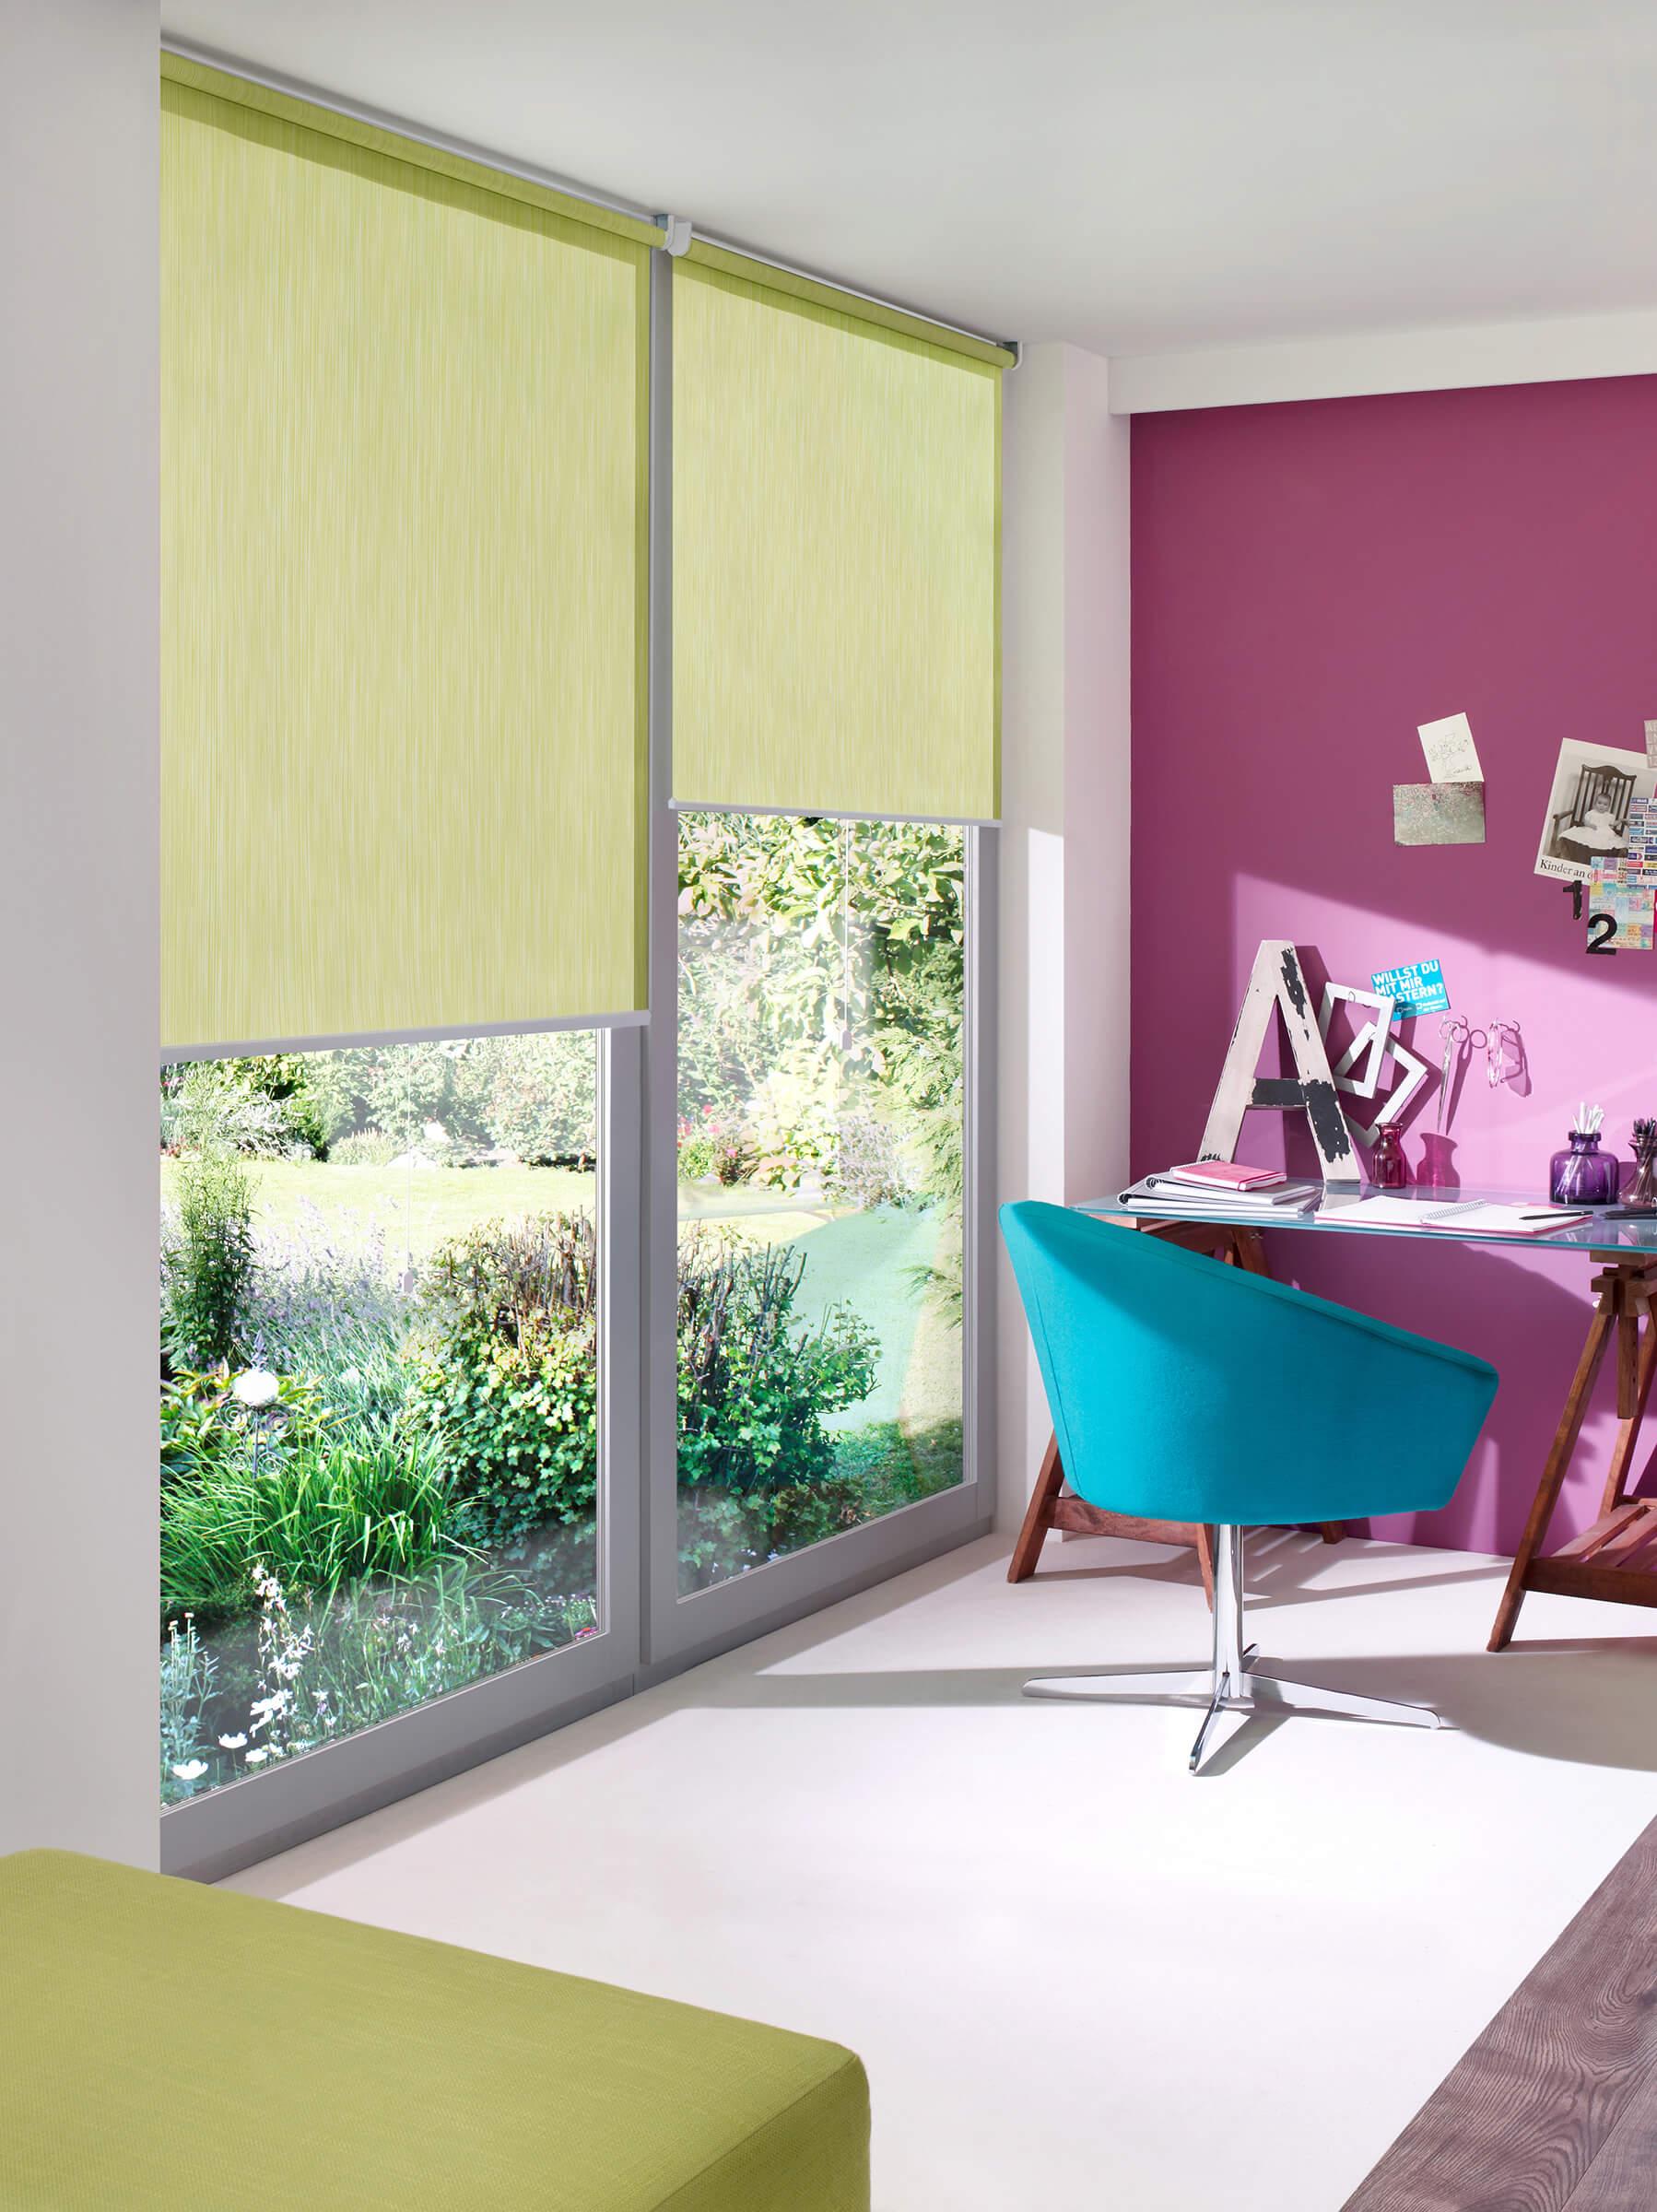 Weisses Sichtschutzrollo mit floralem Muster im Wohnzimmer